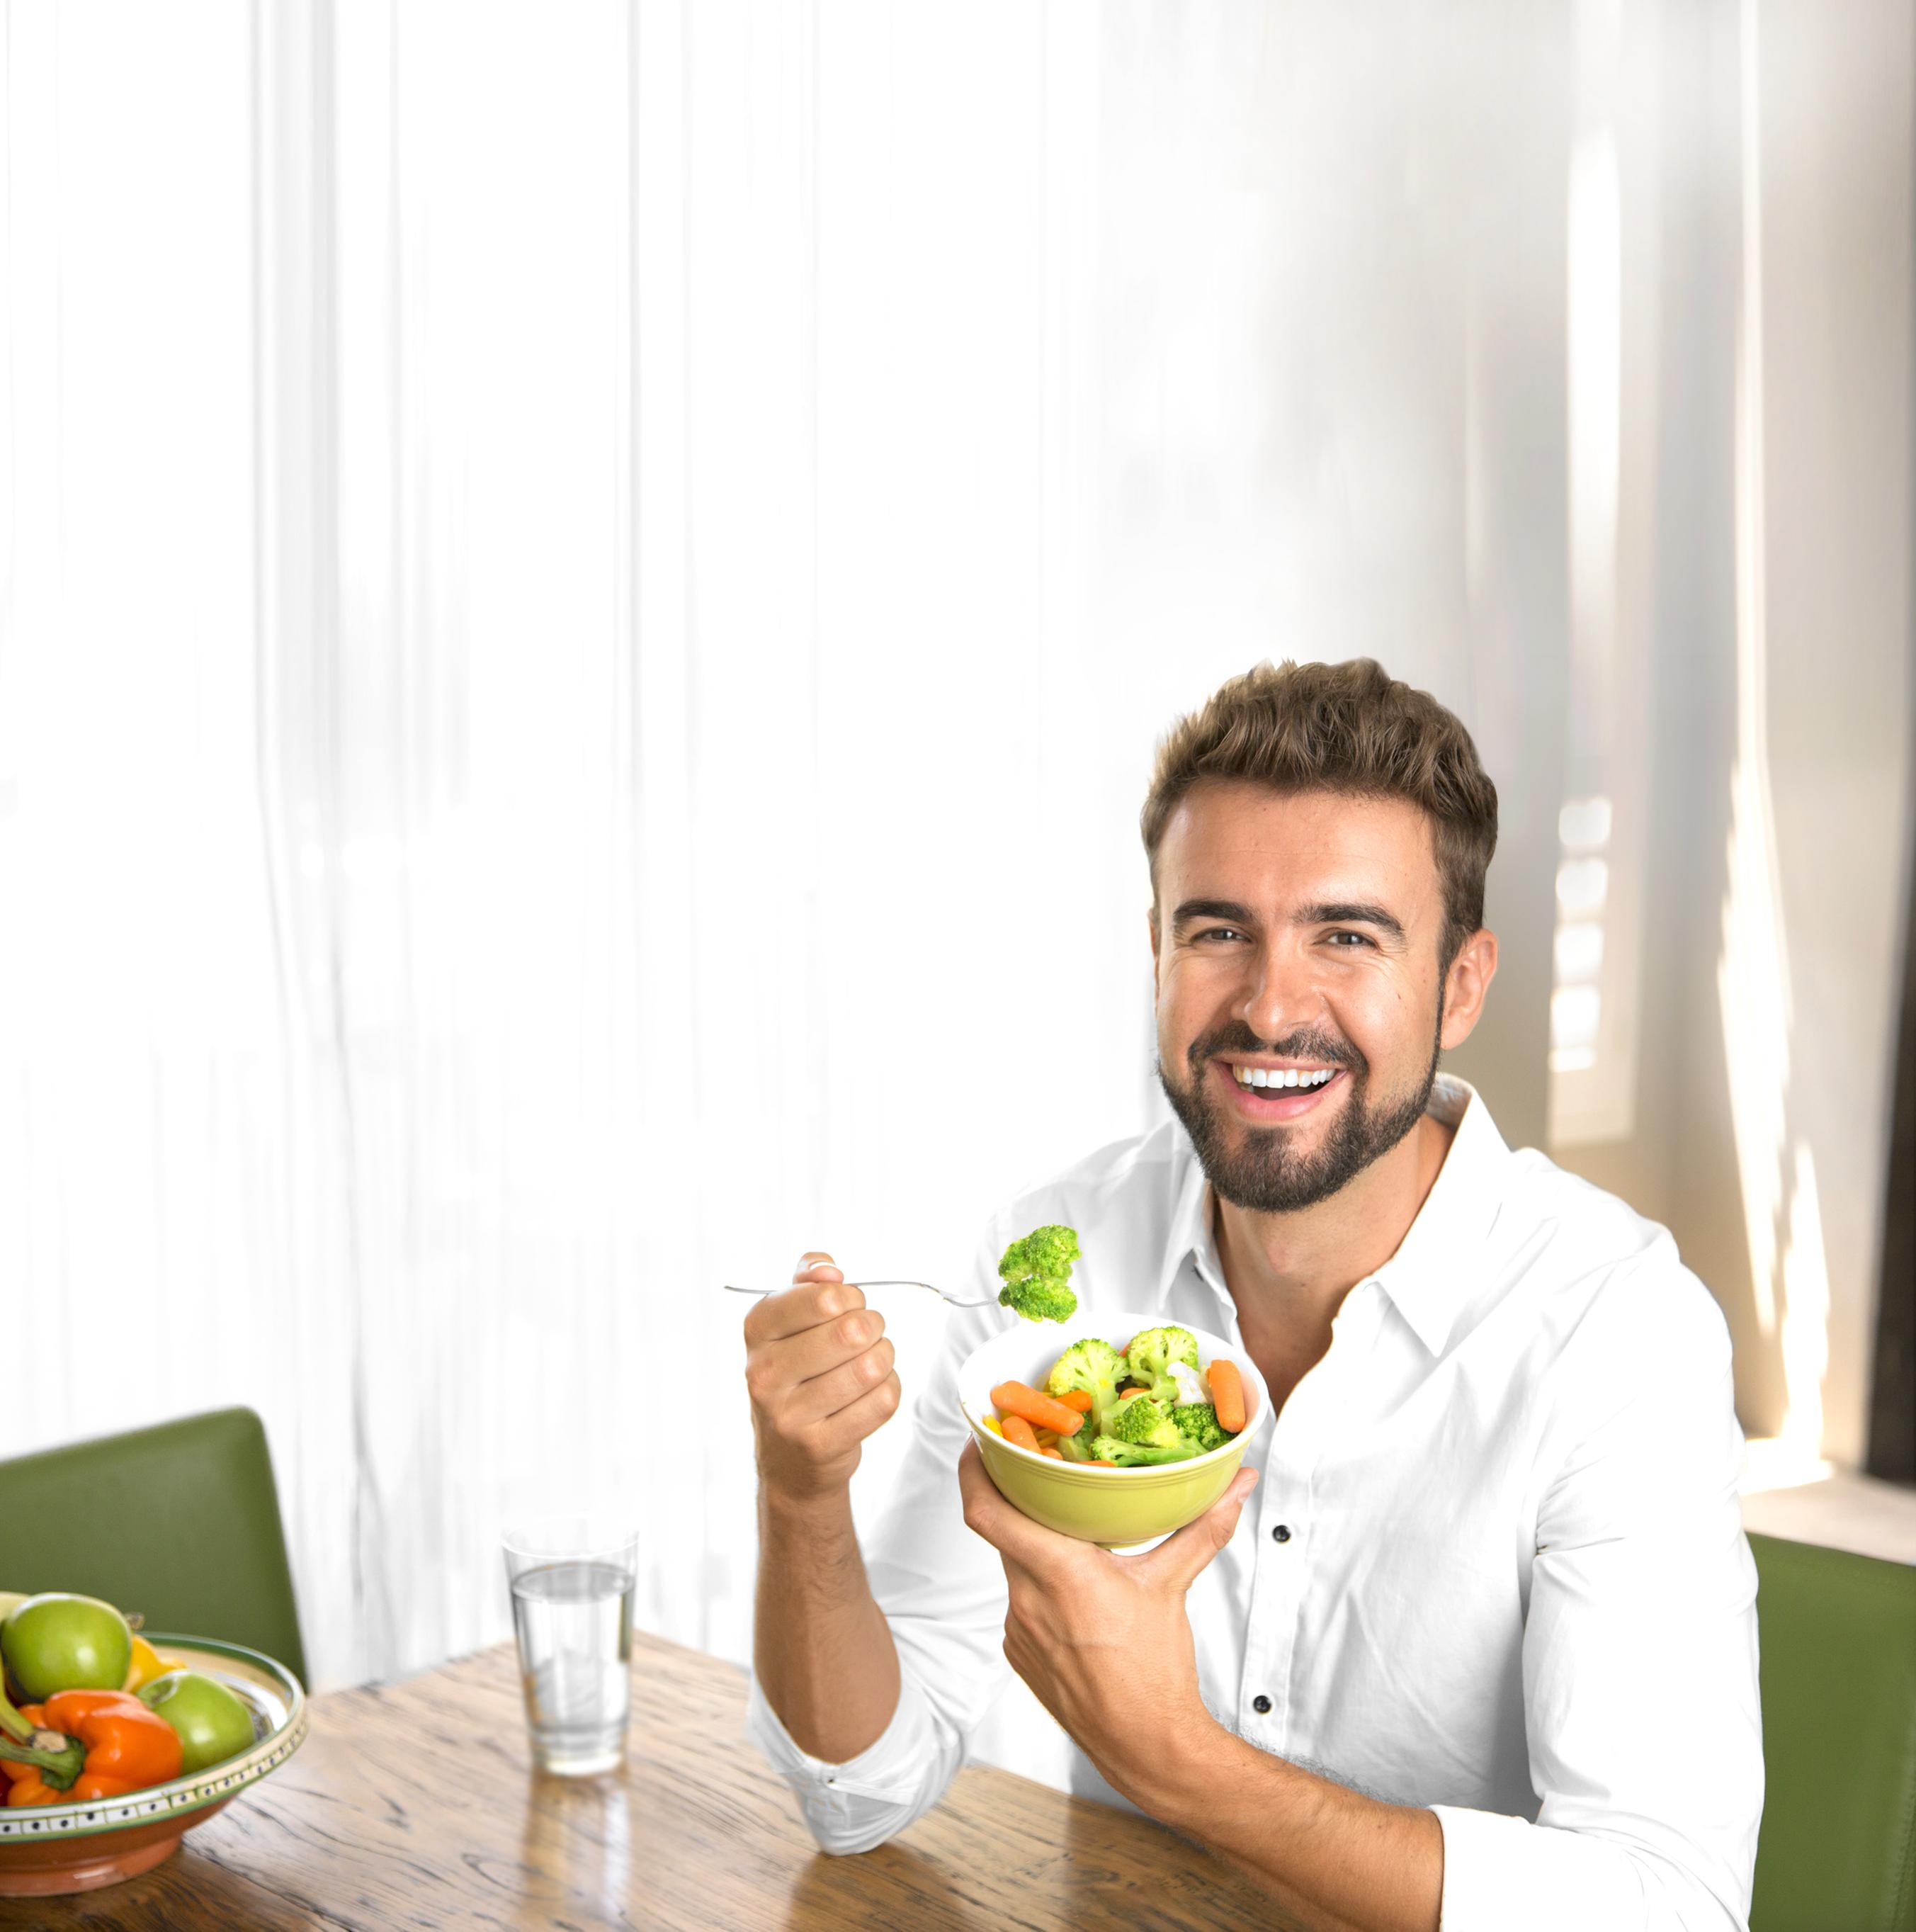 破解5迷思這樣吃素才健康